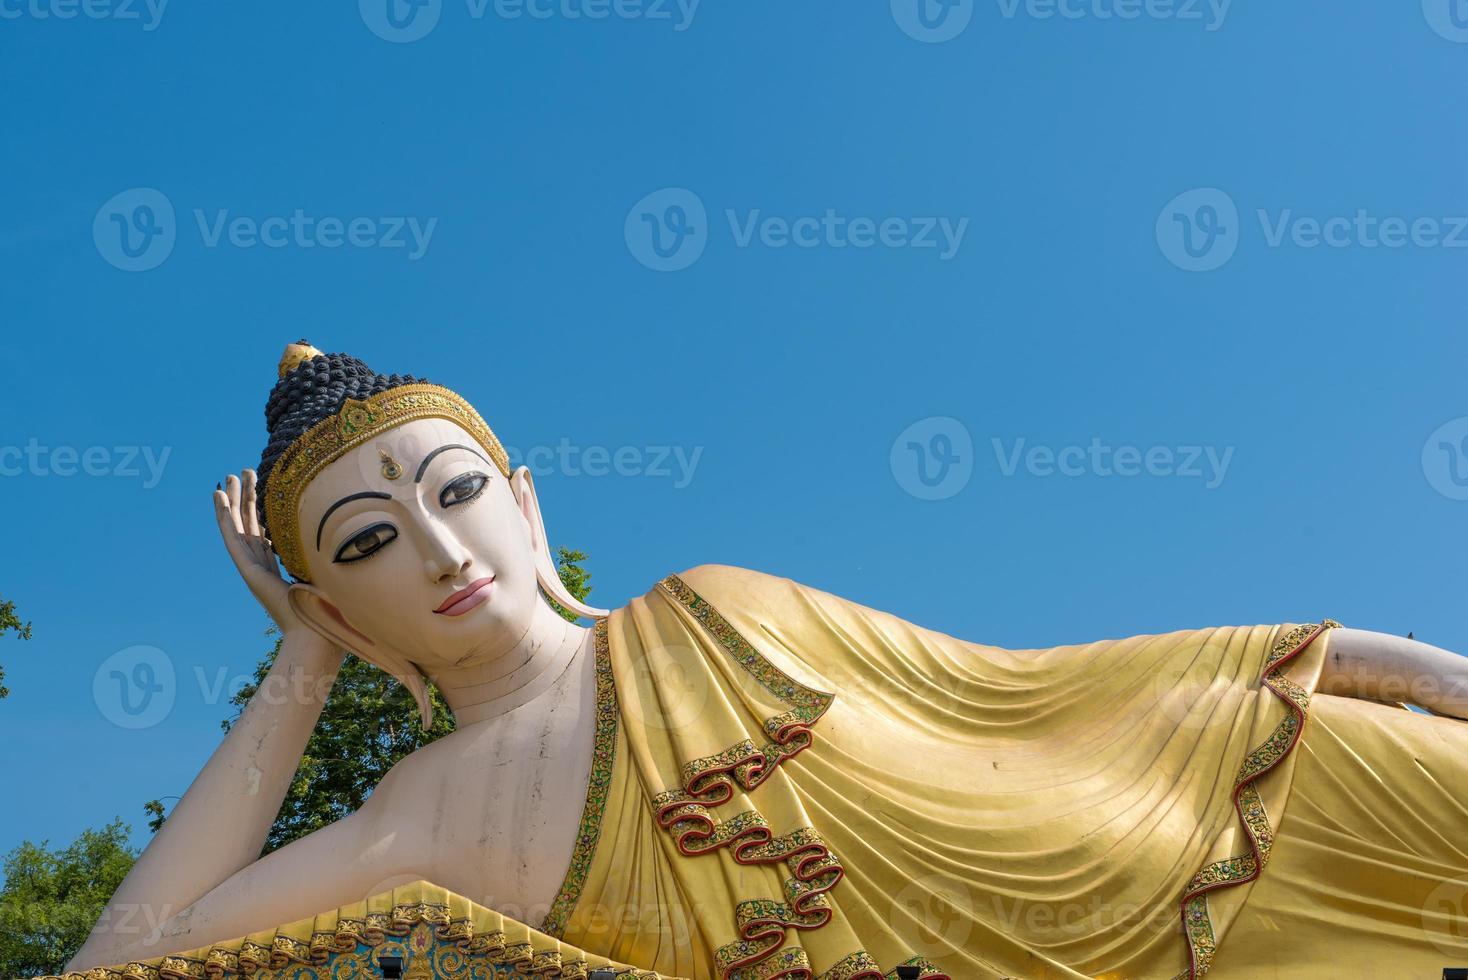 großer Status liegend Buddha Bild foto